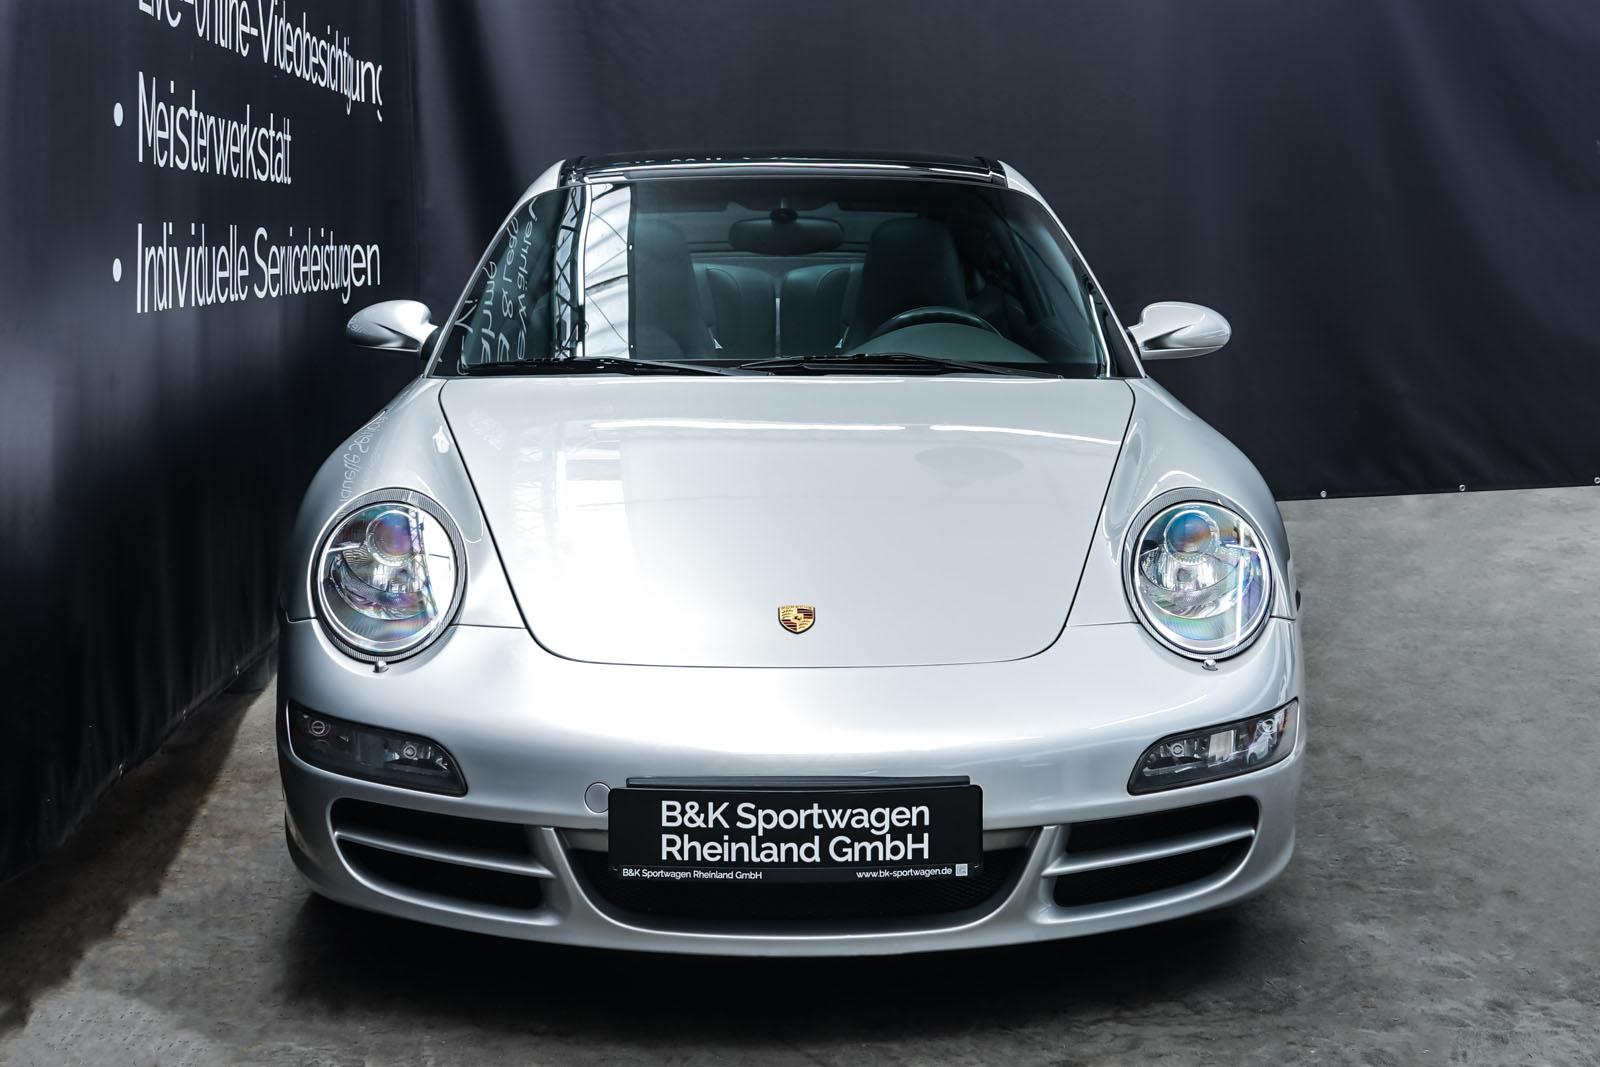 Porsche_997_Targa4s_Silber_Grau_POR-0477_1_w